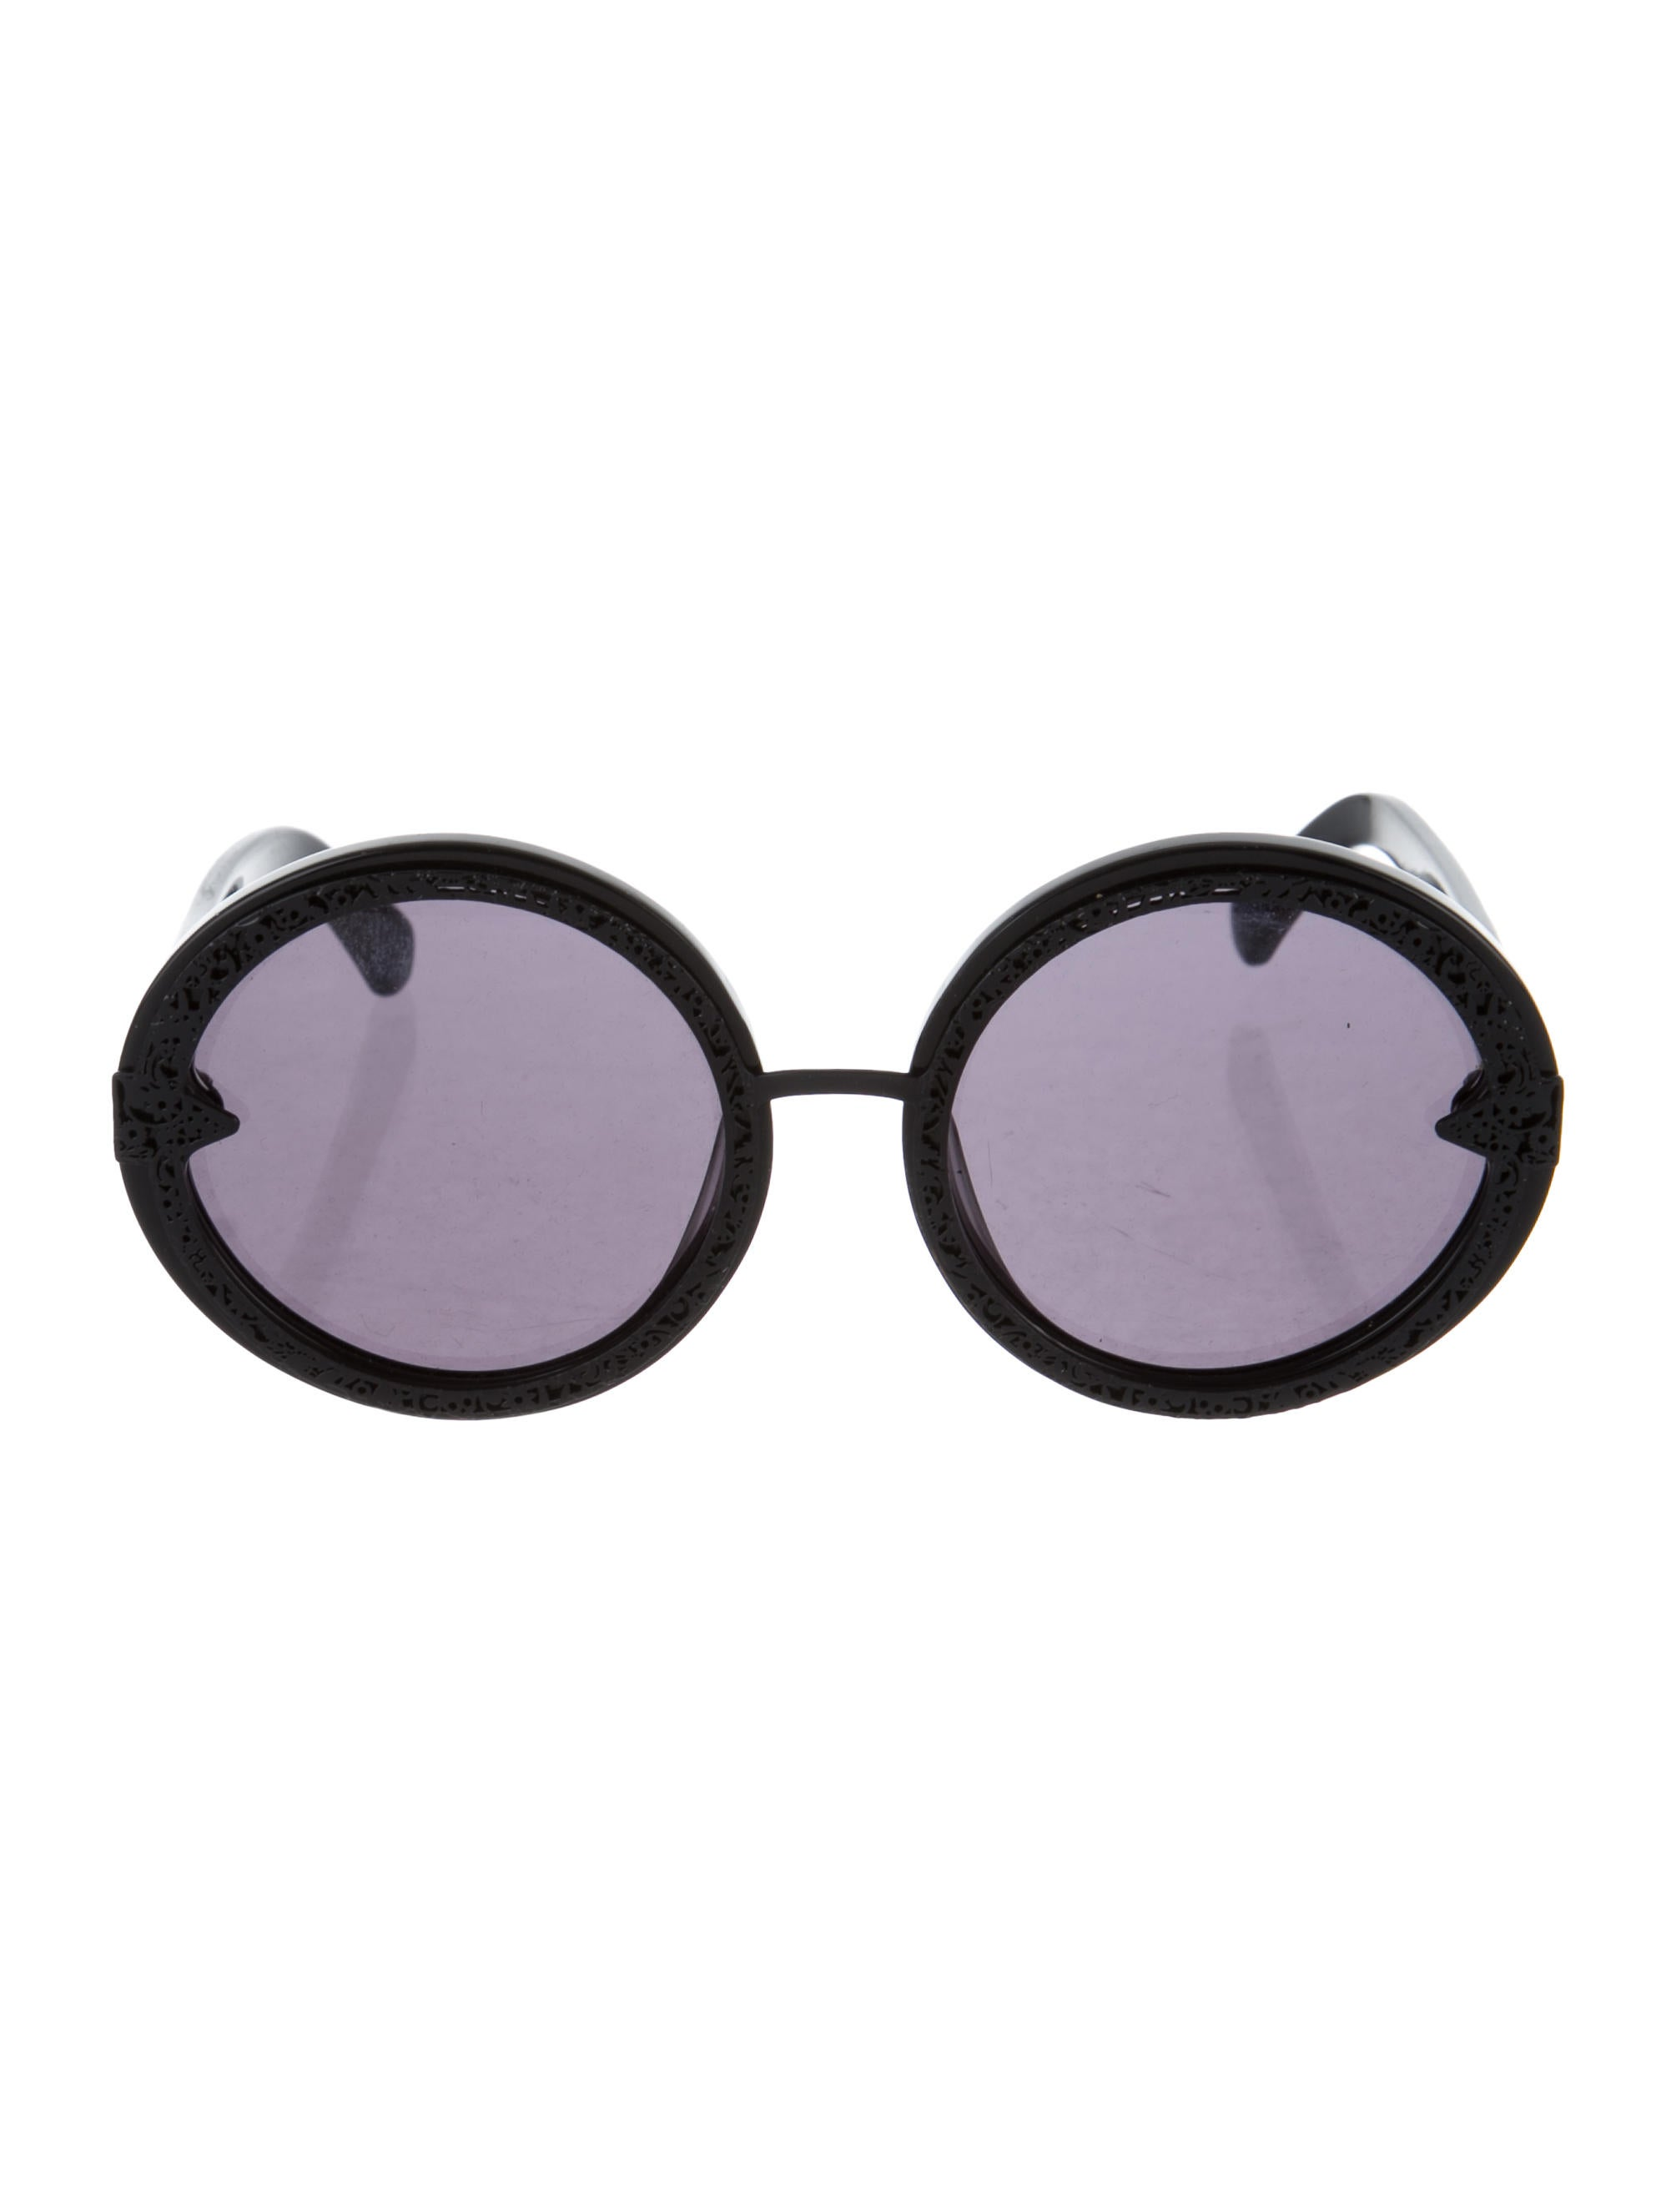 3884fdbc4f79 Karen Walker Orbit Filigree Sunglasses - Accessories - KAR21747 ...